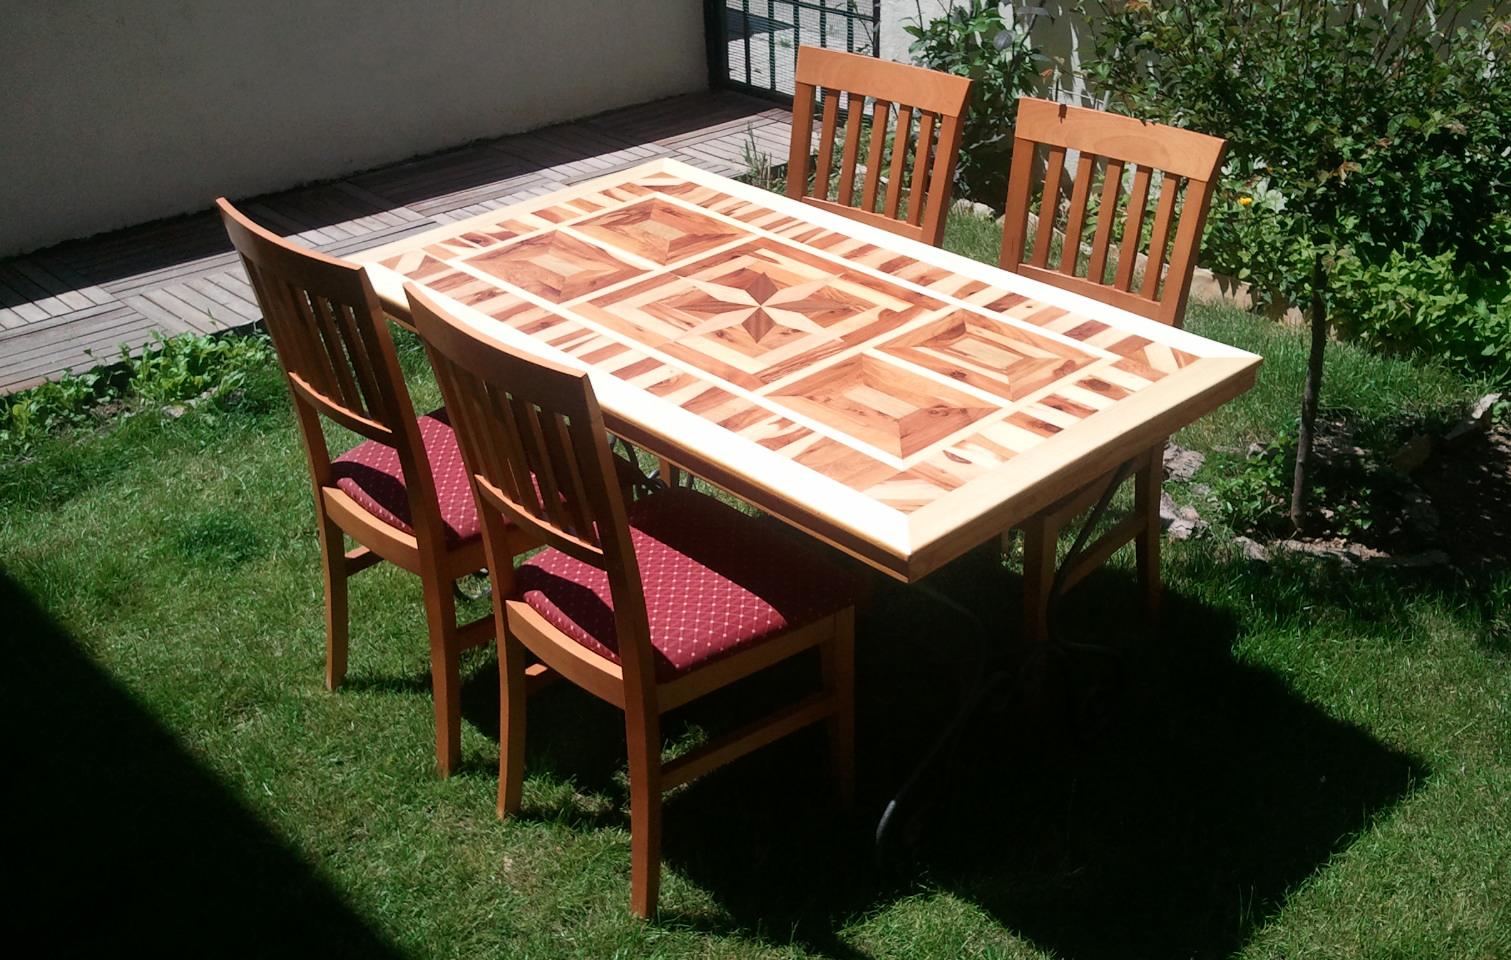 Roque dob n mesa jard n de sabina con patas de hierro forjado for Patas de forja para mesas